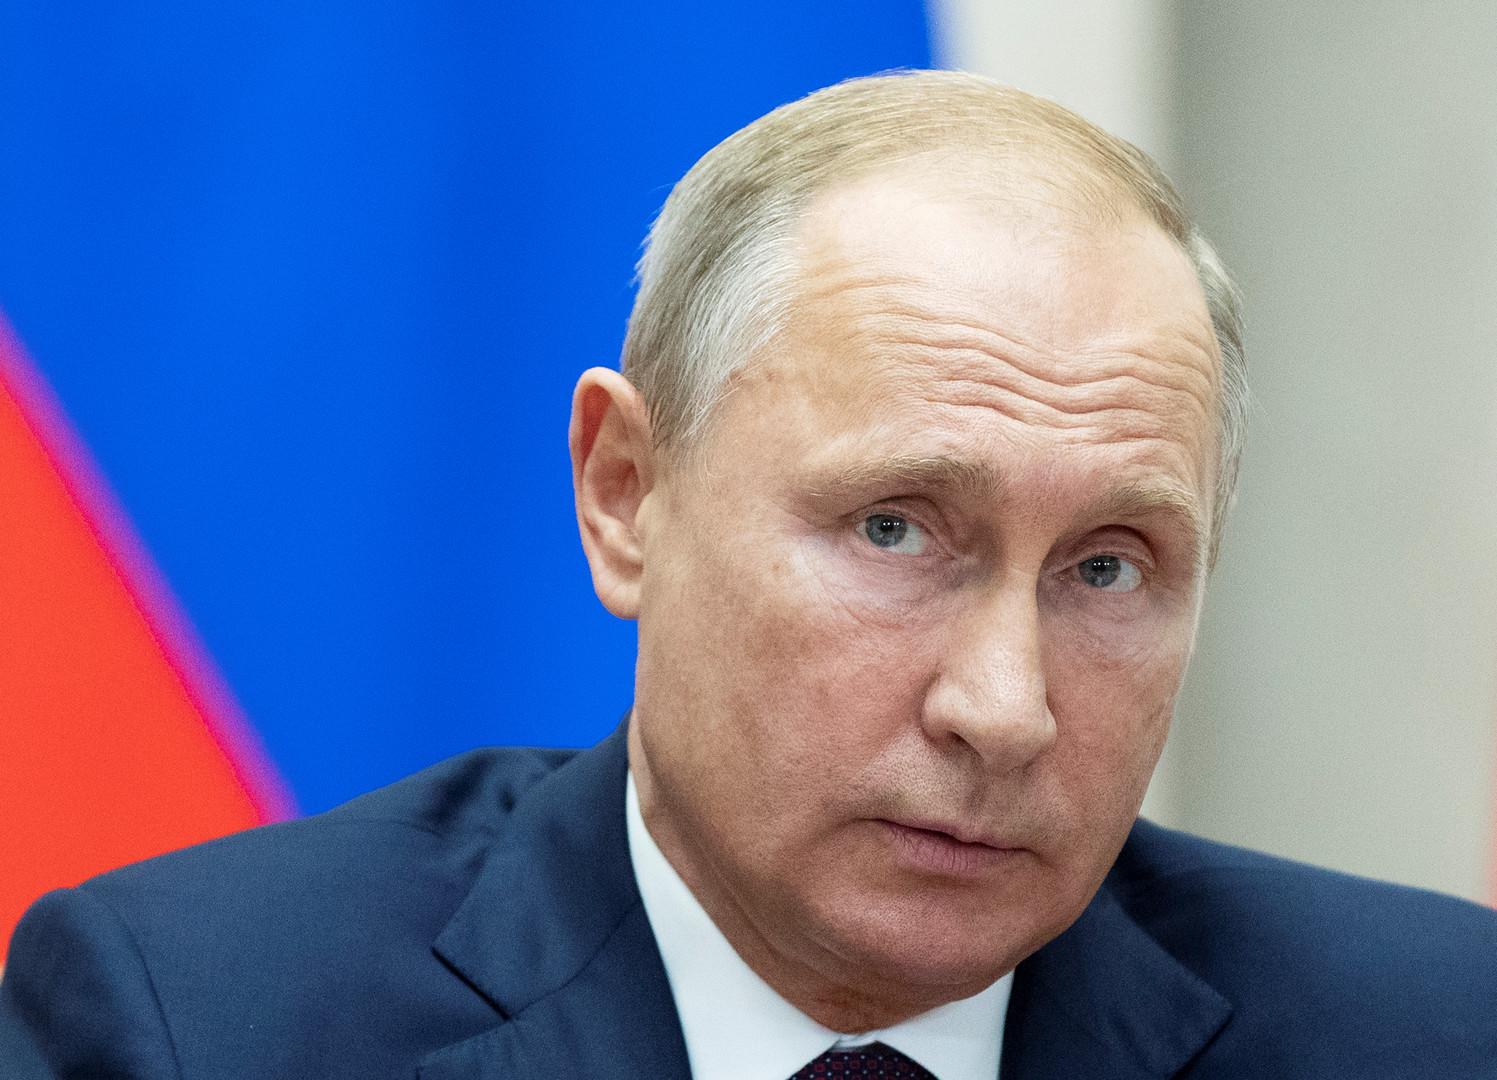 بوتين يوقع قانونا يسهل حصول سكان دونيتسك ولوغانسك على الجنسية الروسية